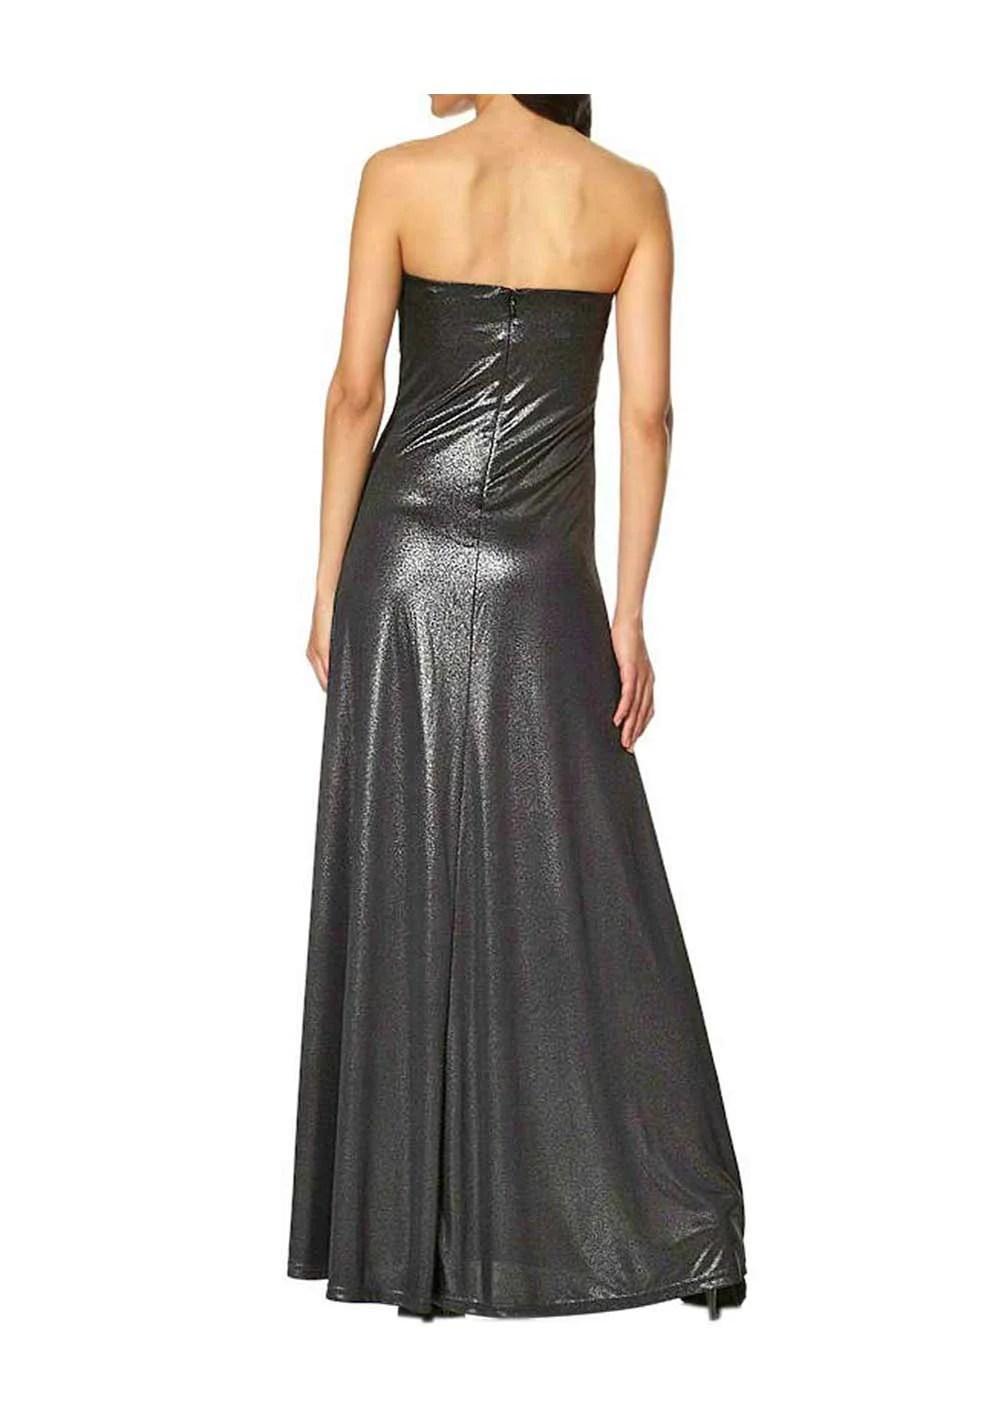 Festmoden Abendkleid, schwarz-metallic von Laura Scott Evening Grösse 32 475.706 Missforty